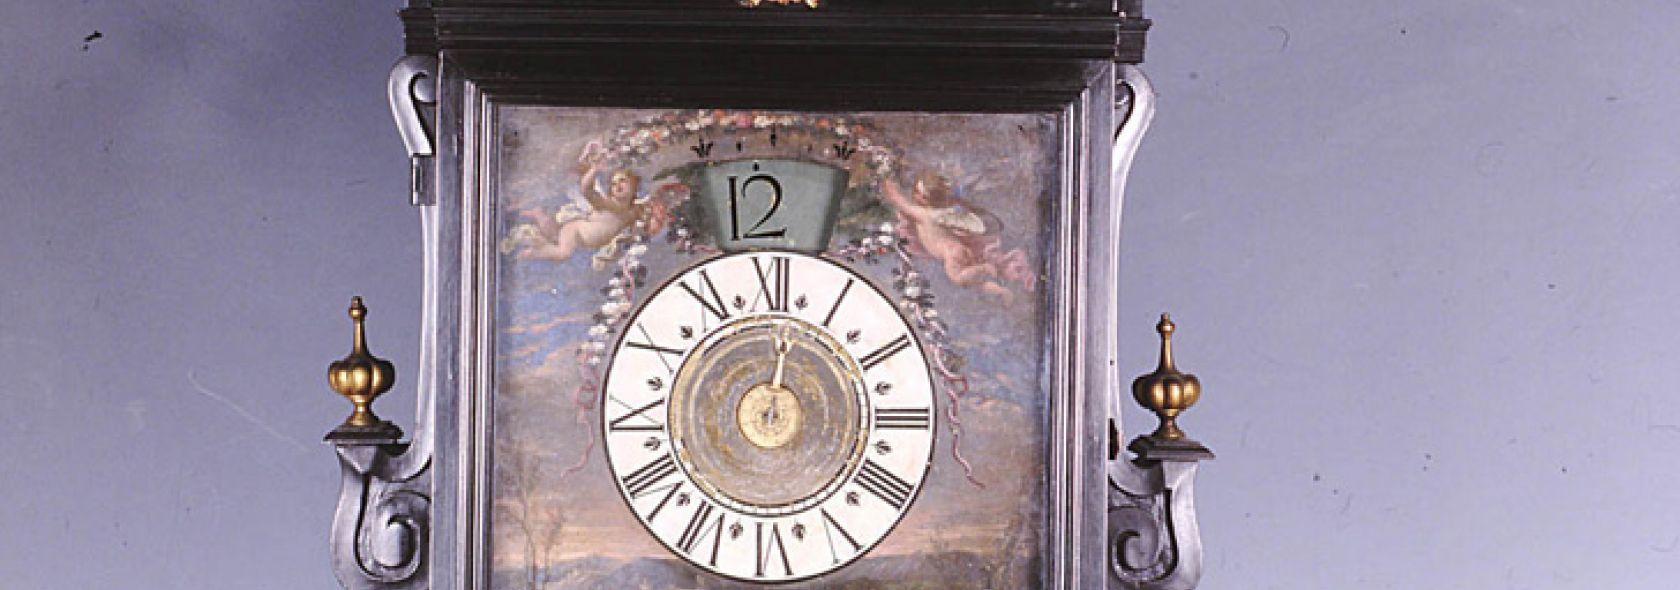 Orologio notturno - DOCSAI - ©Archivio fotografico Genova